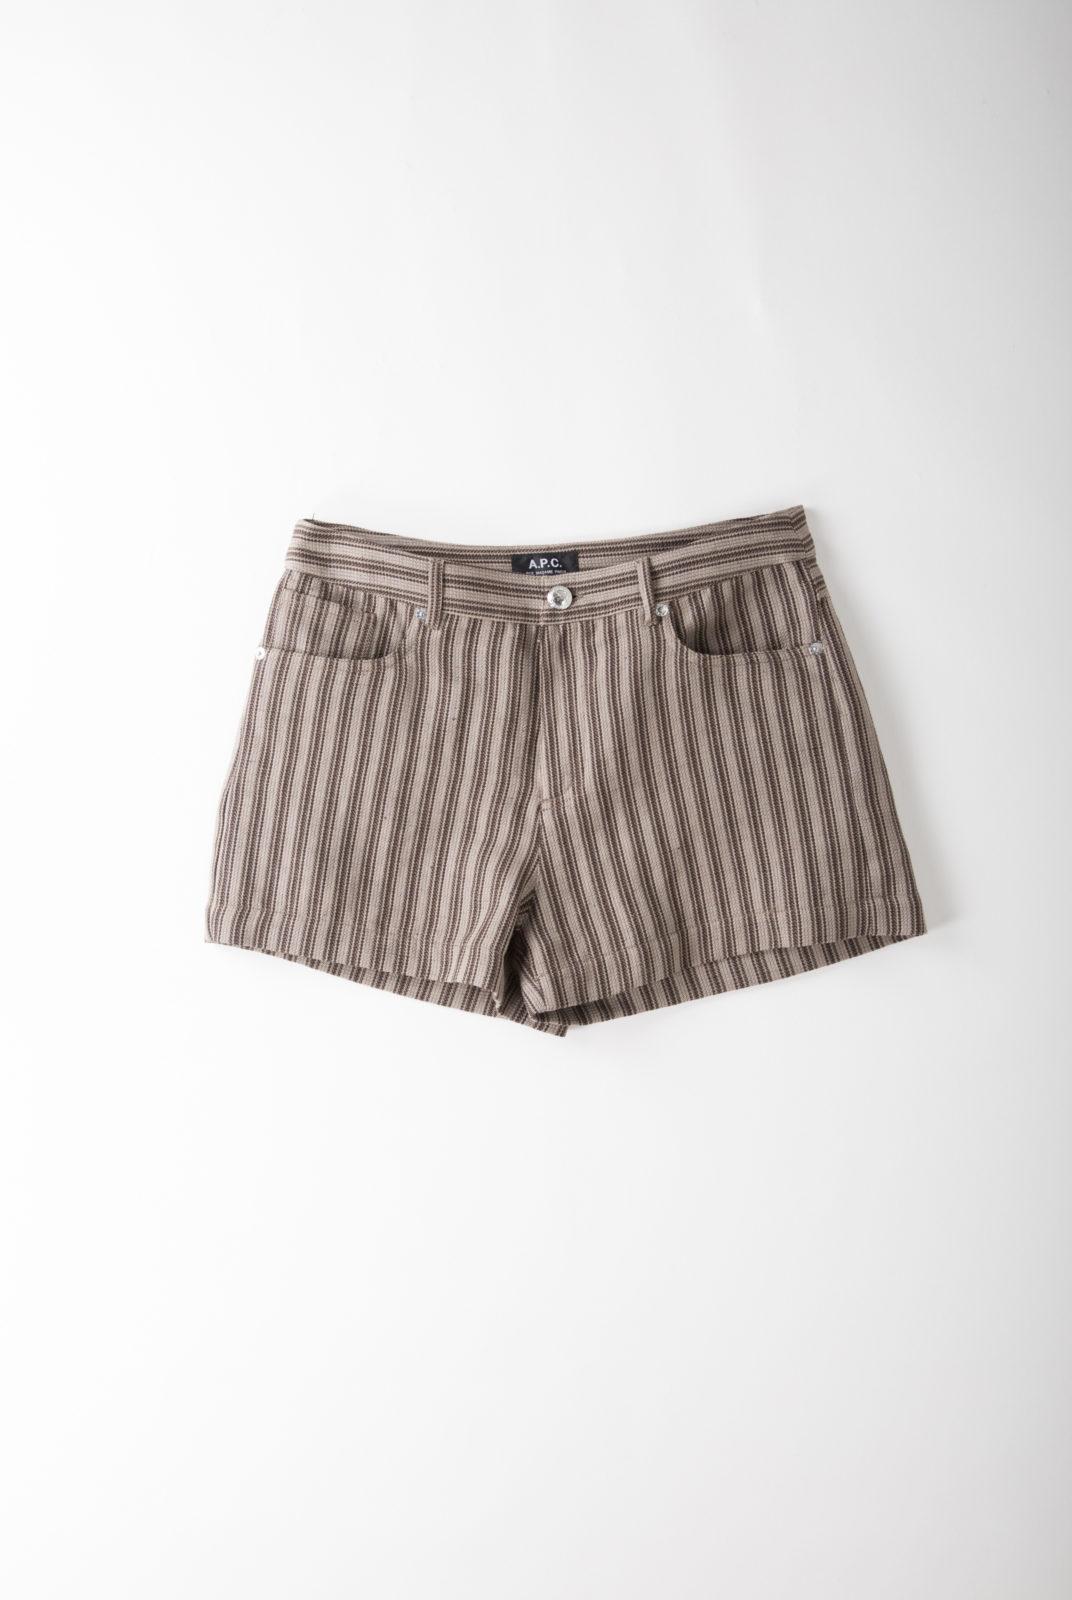 short, à rayure coton-lin marron, coupe courte et taille haute, apc